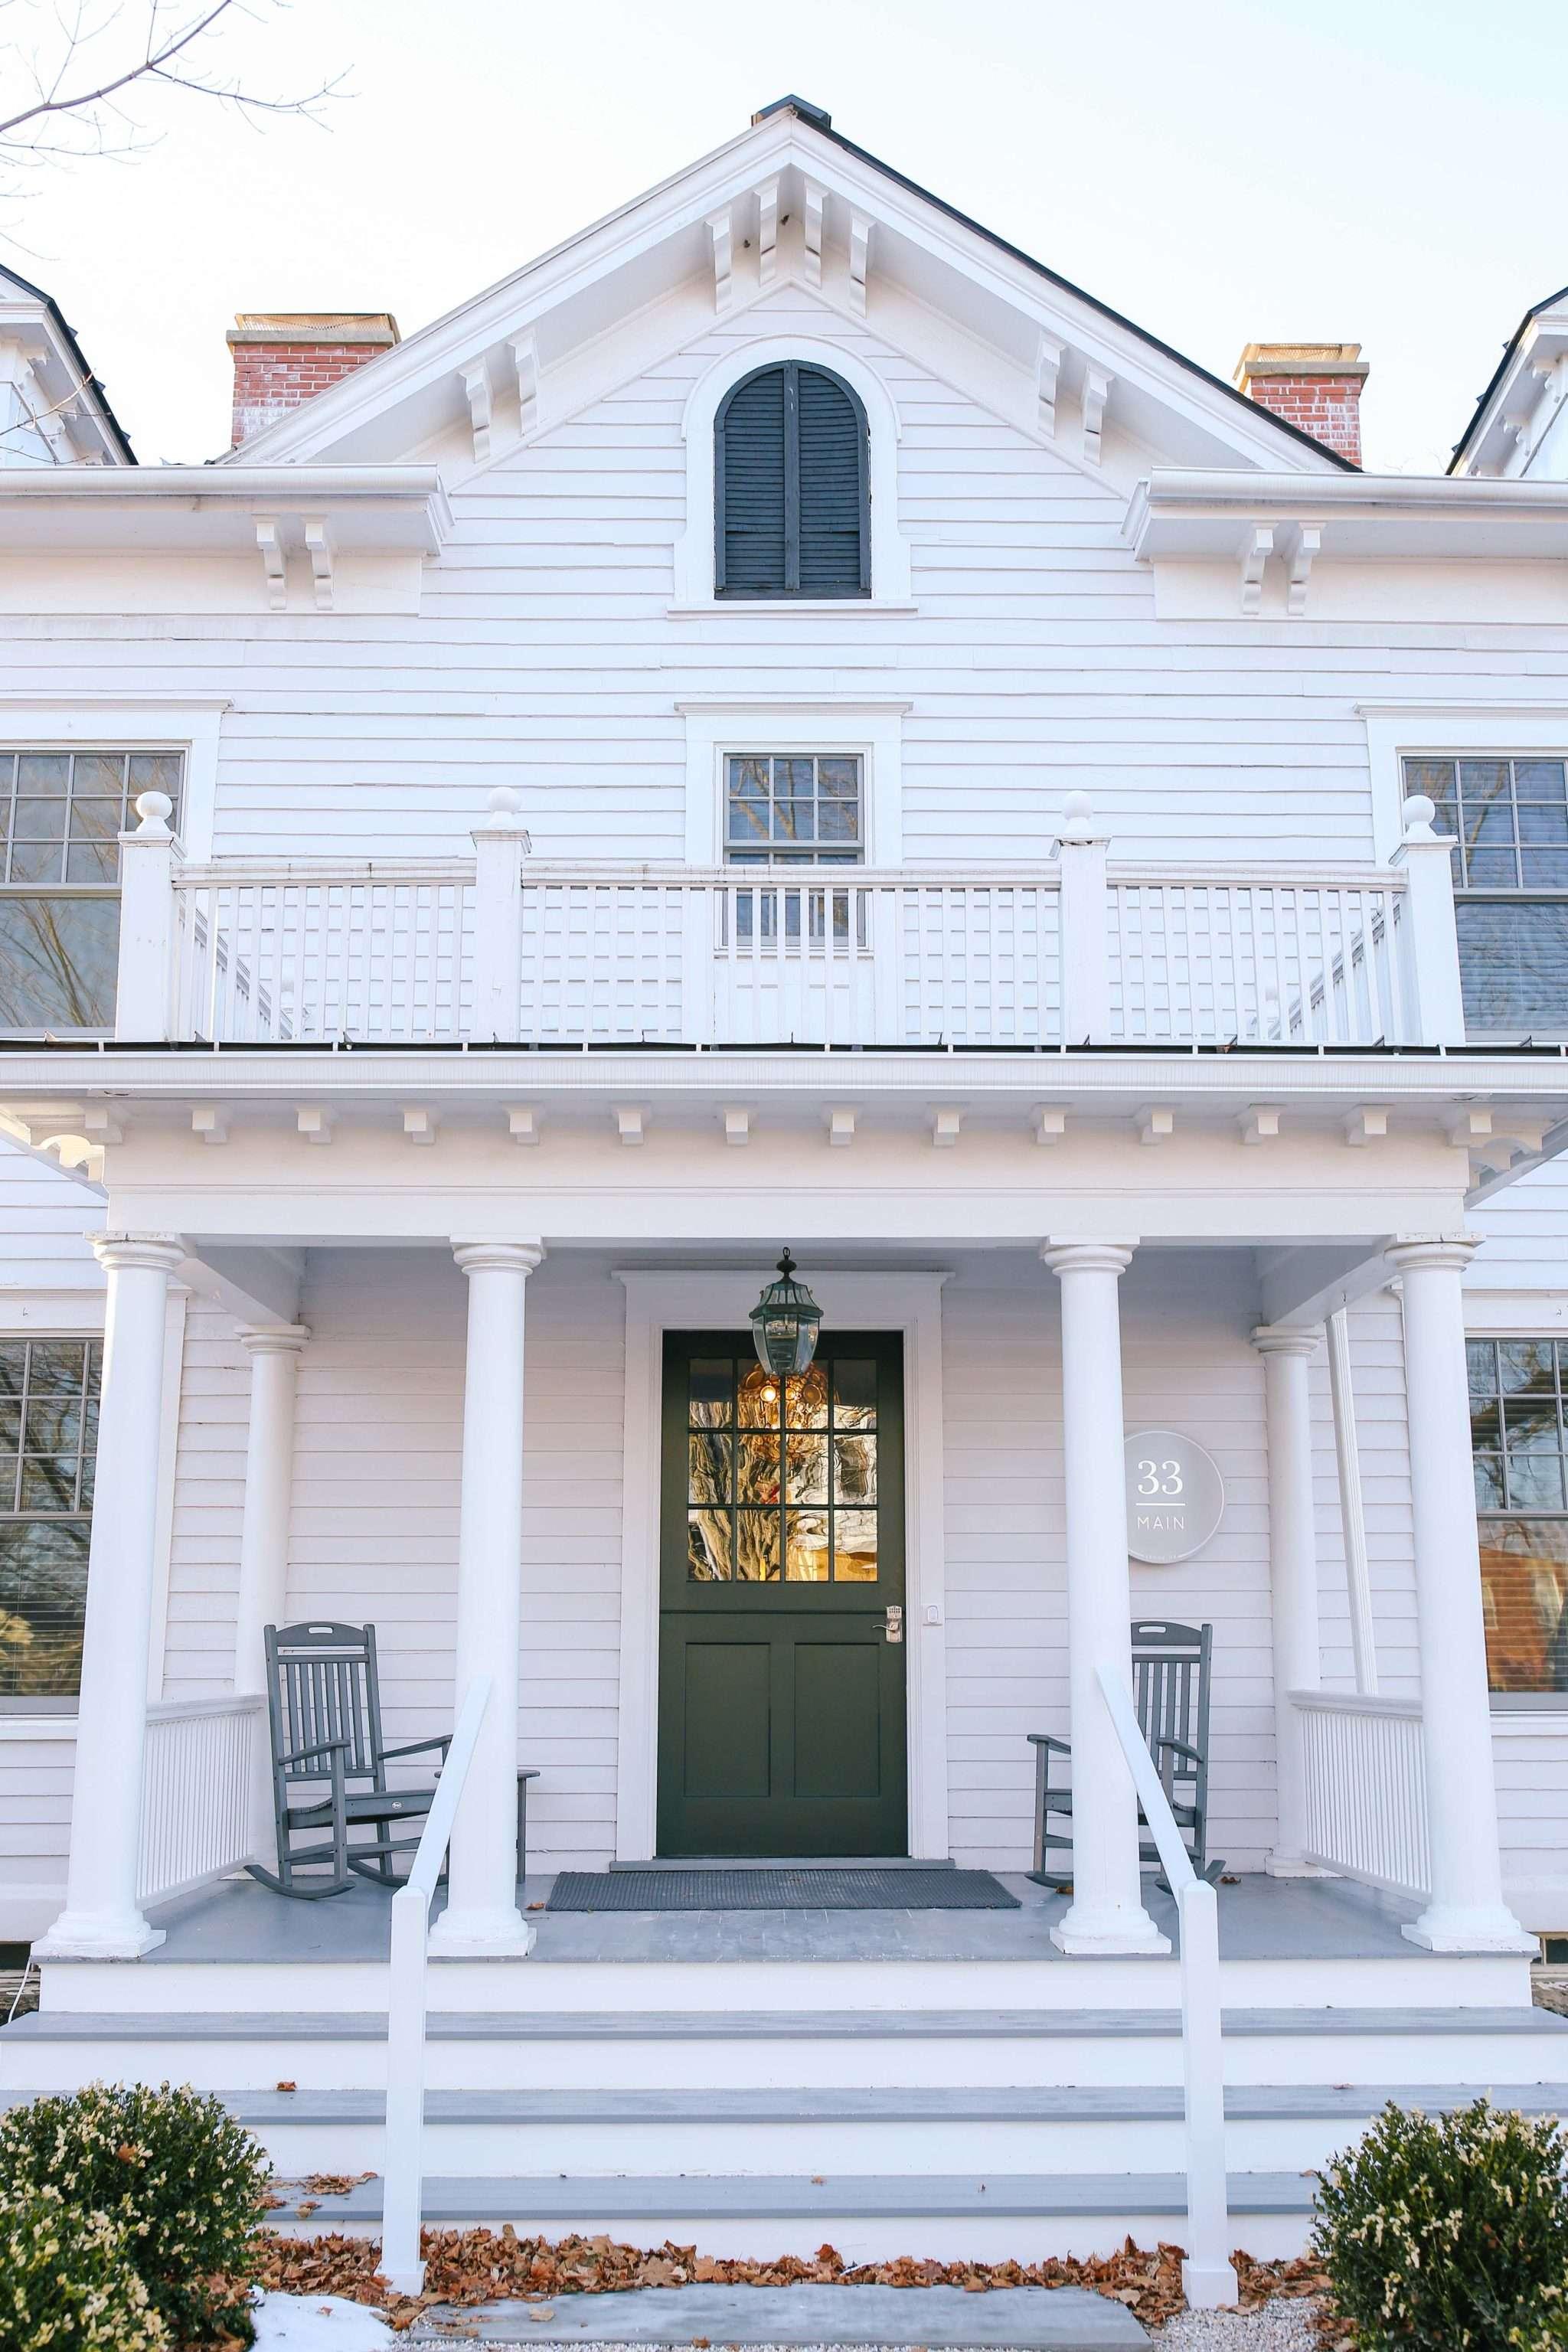 Luxury inn, 33 Main, by Annie Selke in the Berkshires